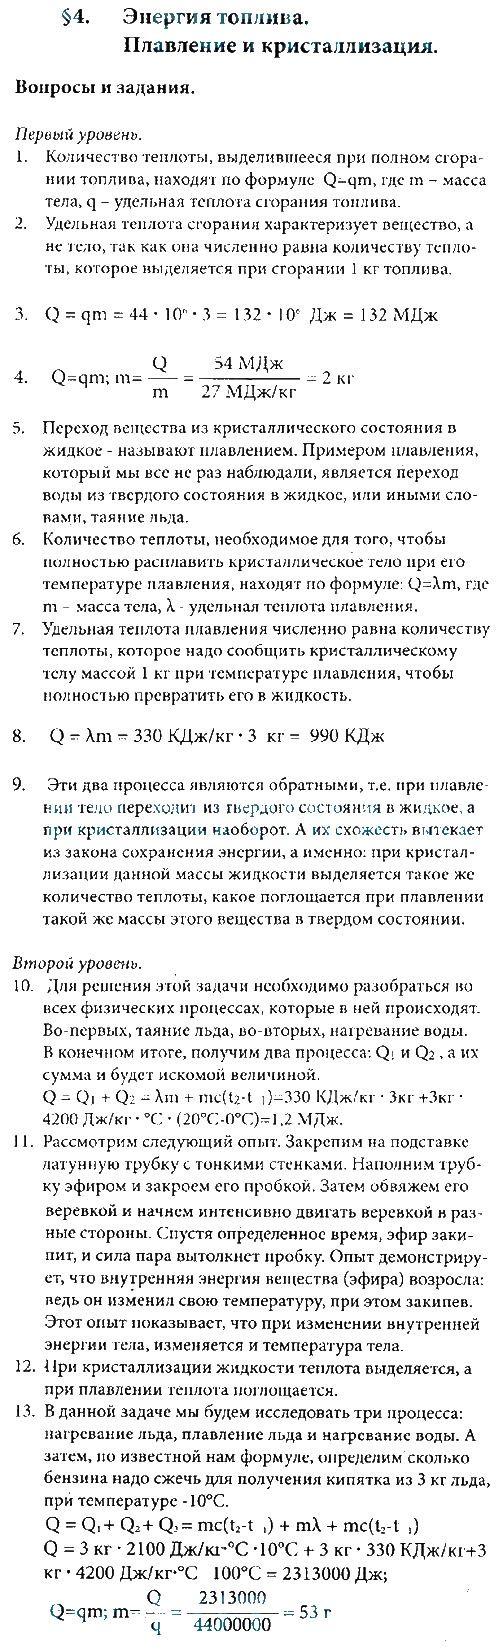 Готовые домашние задания русский язык